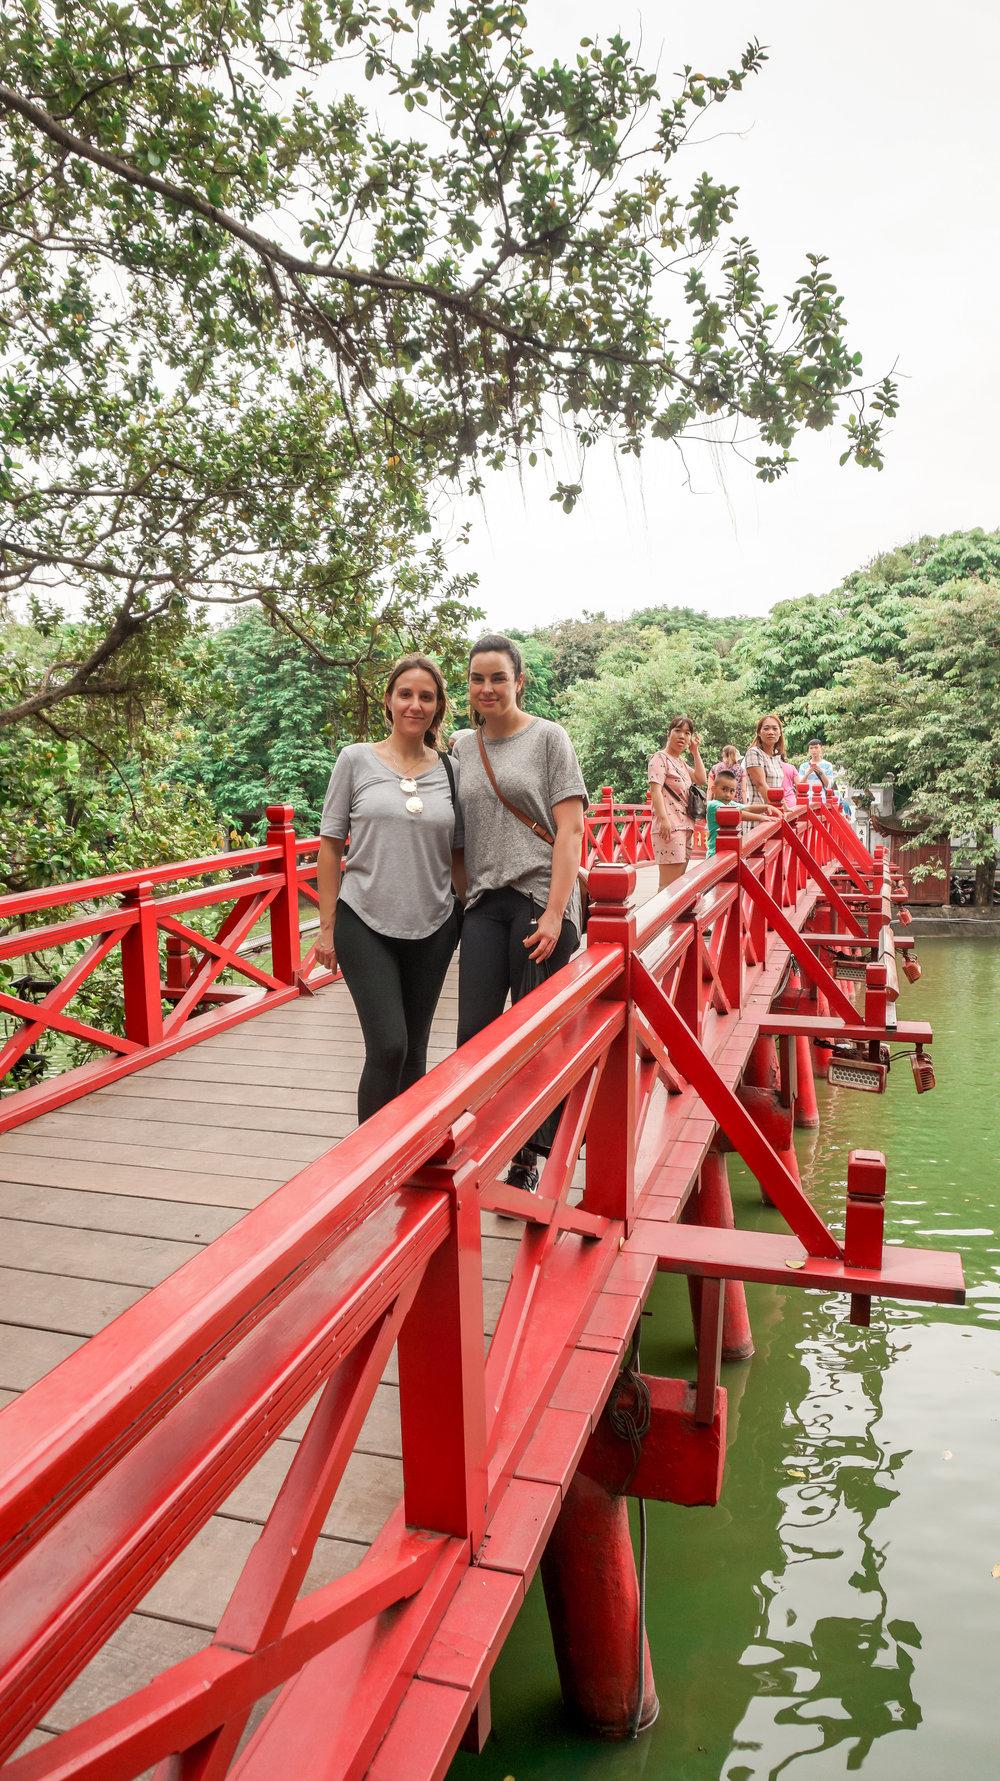 Hoàn-Kiếm-Lake-hanoi-2019.jpg